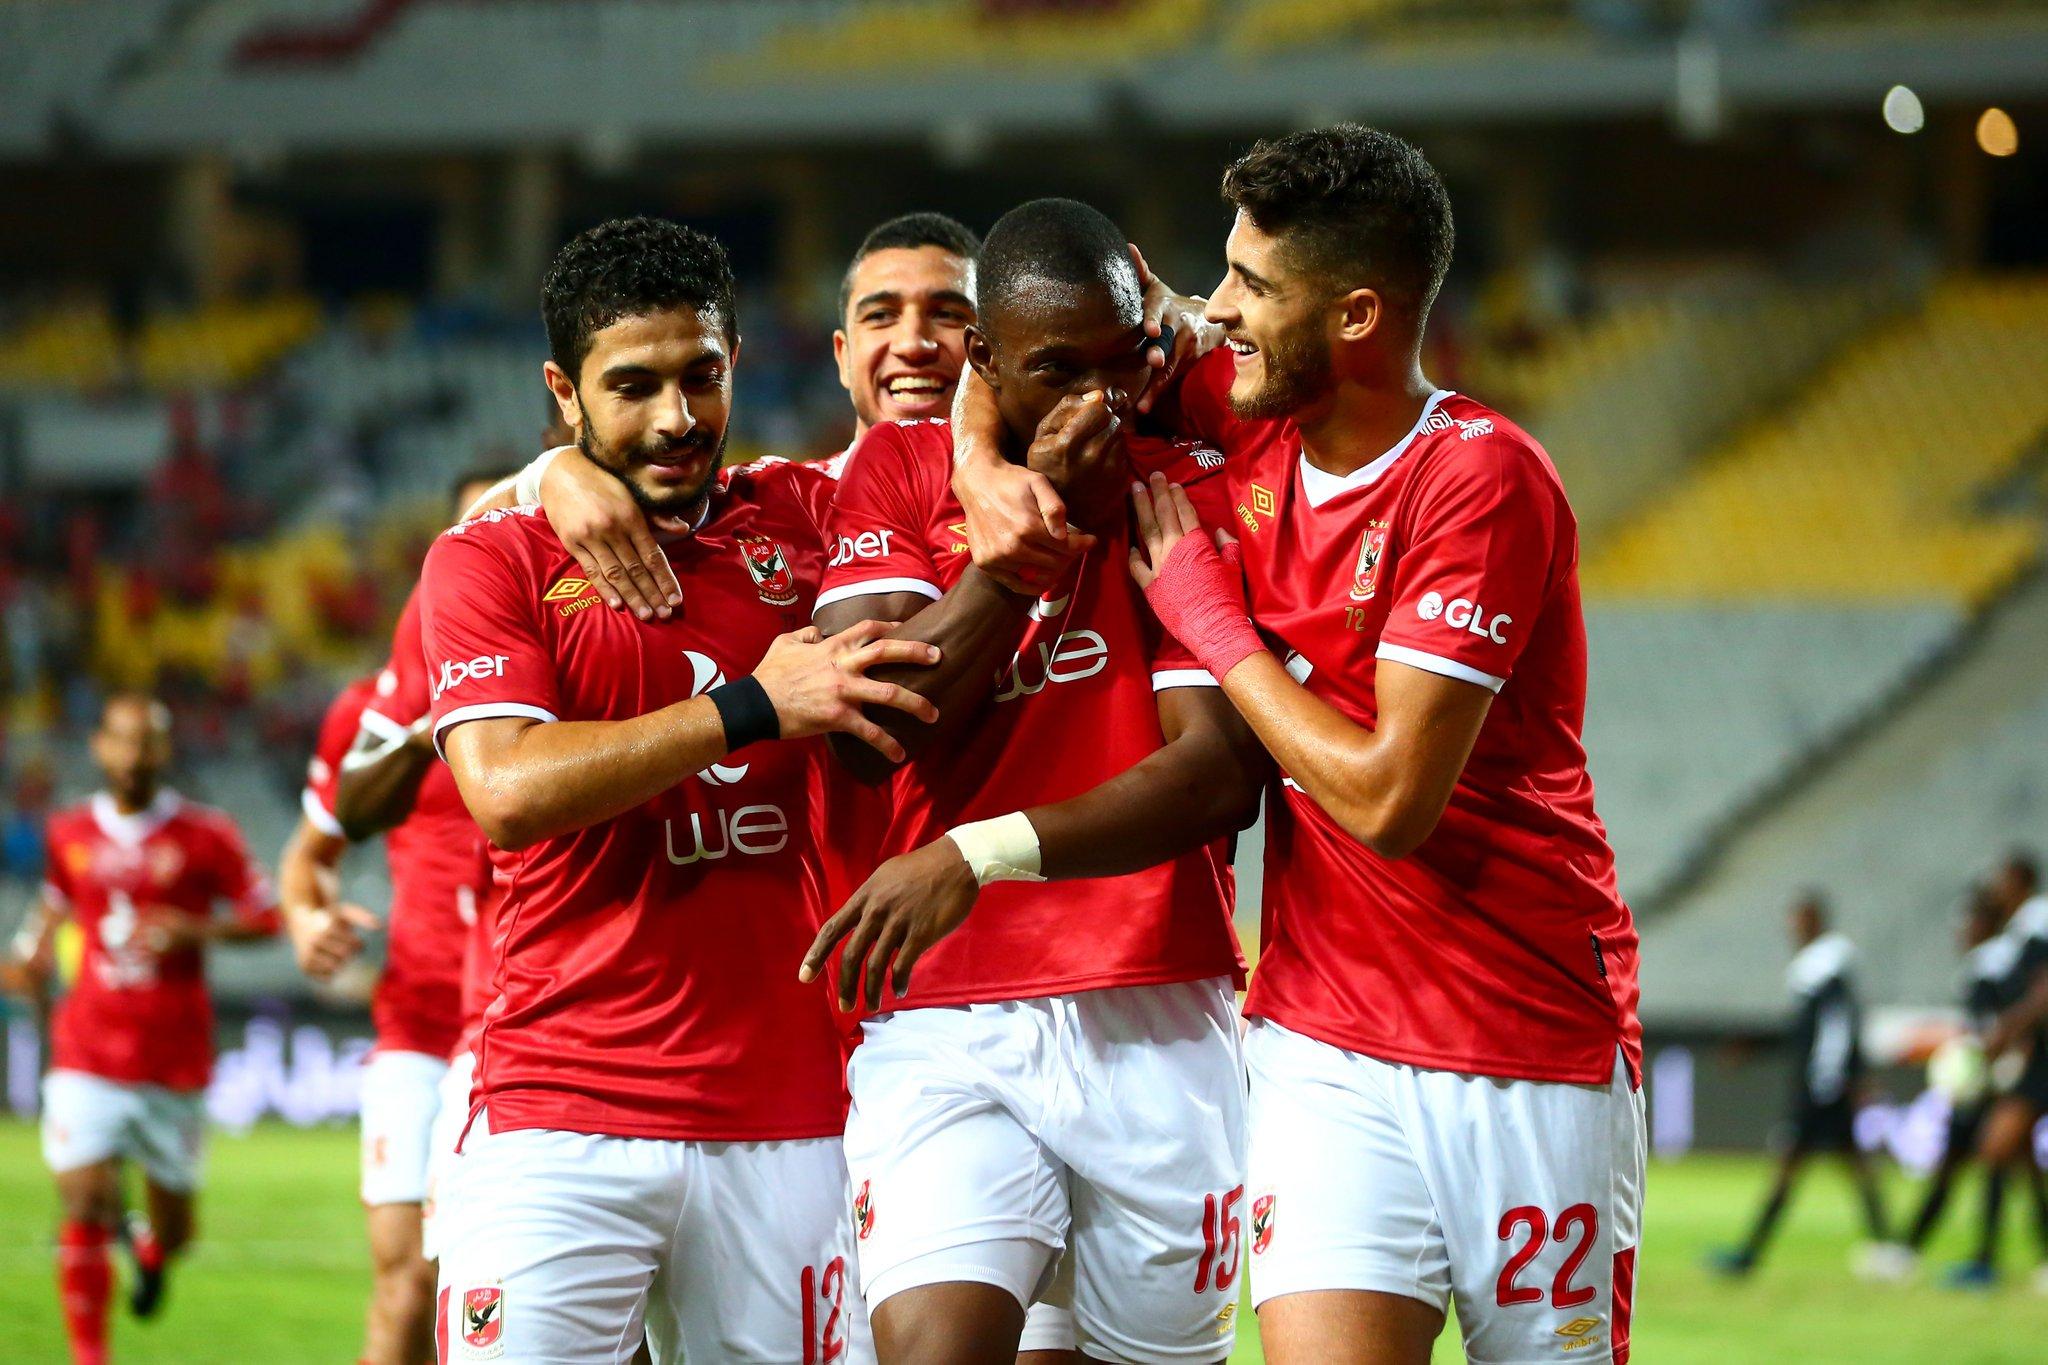 دوري أبطال أفريقيا الأهلي المصري يواجه الهلال السوداني الليلة